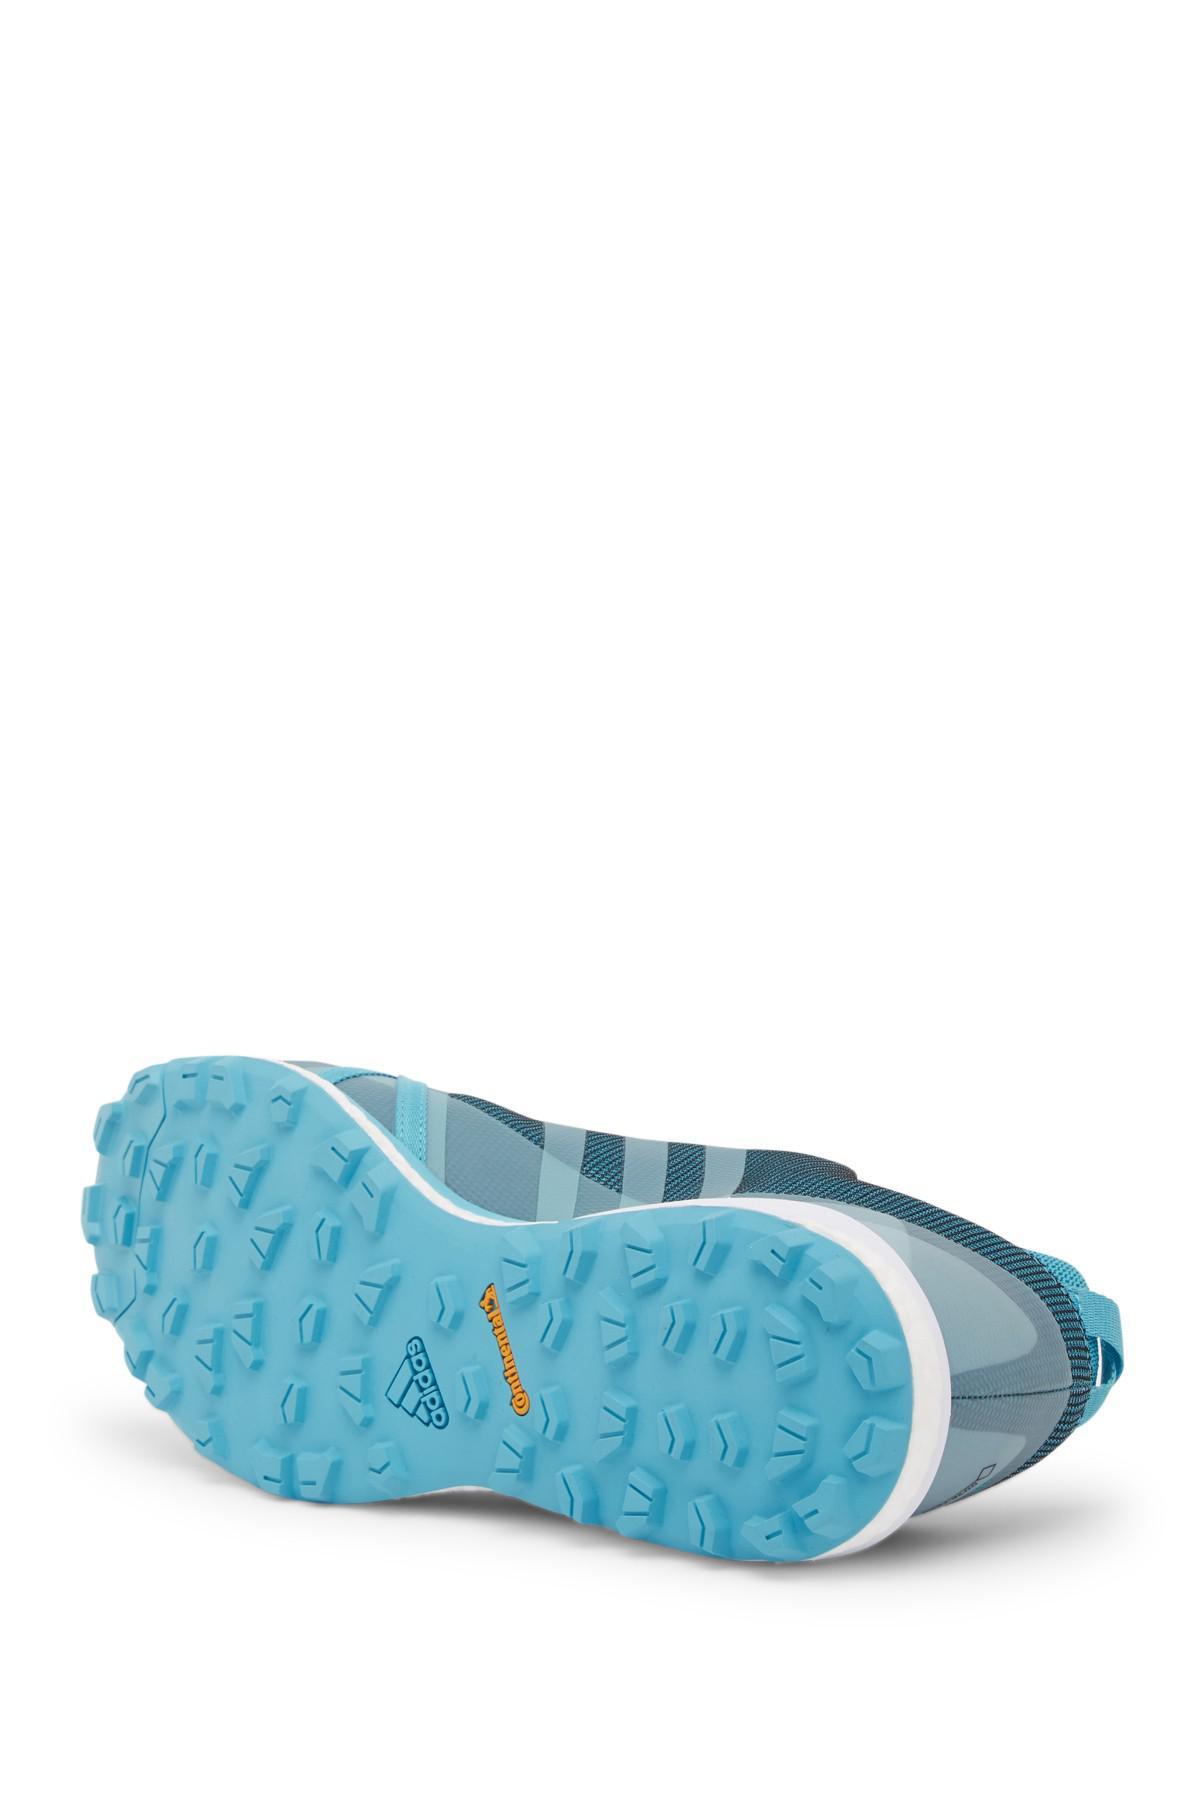 lyst adidas terrex agravic gtx tracce in scarpe da ginnastica in blu